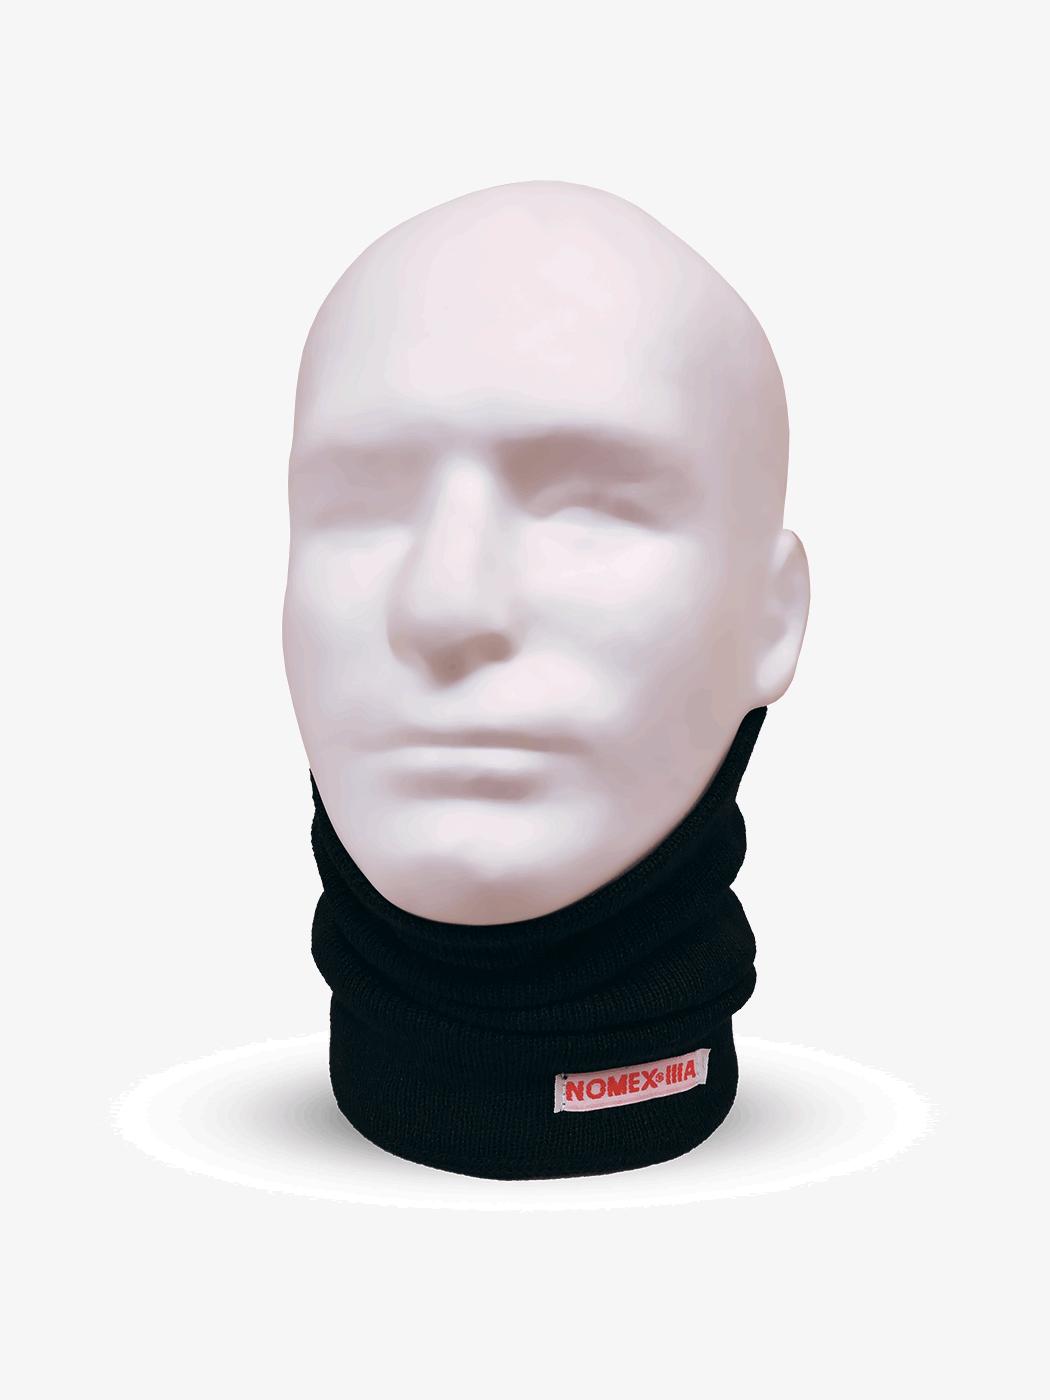 Nomex®IIIA 7″ Knit Rib Neck Warmer – Style J62